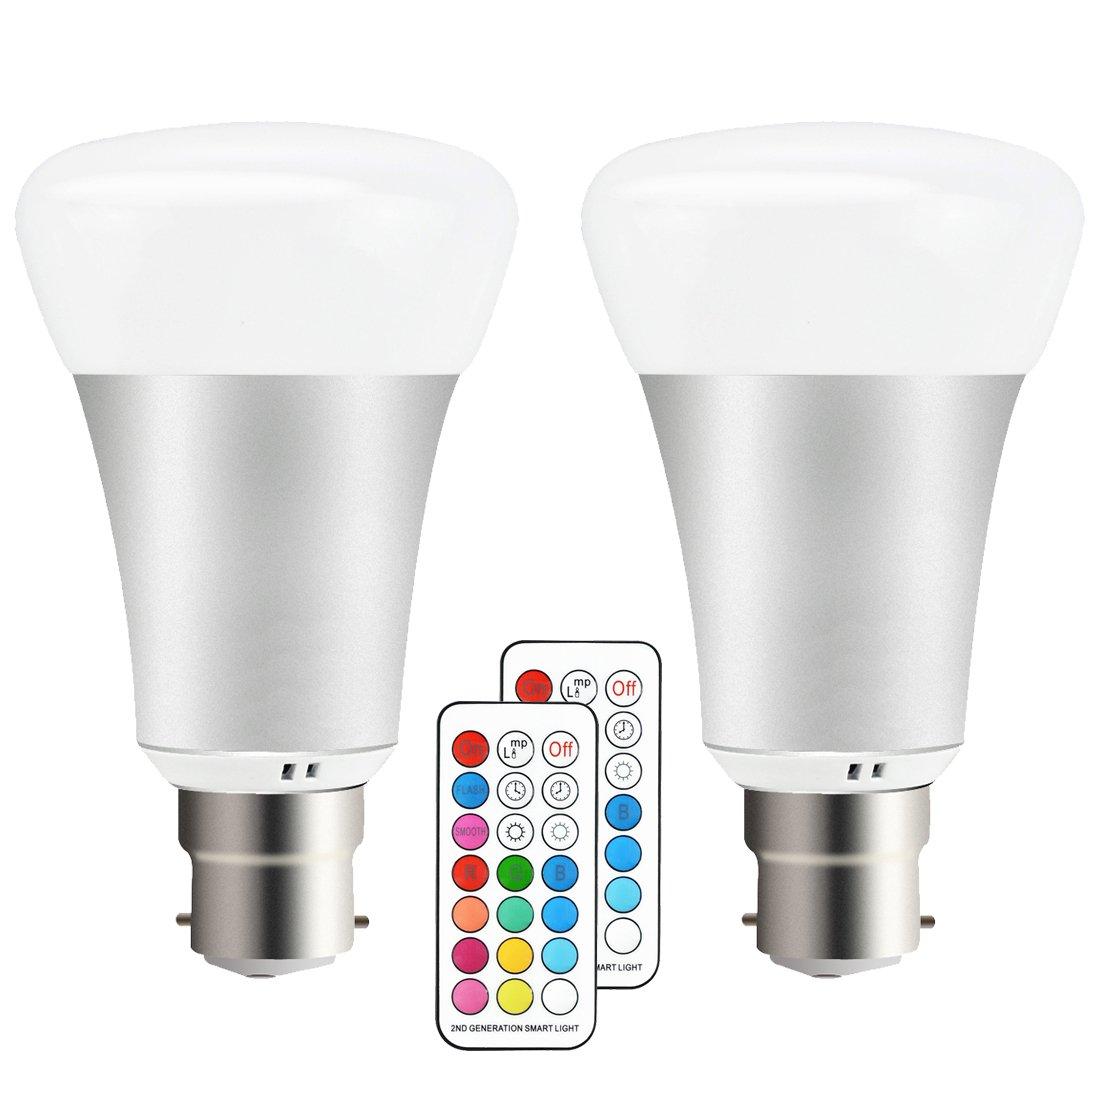 Jayool 10W B22 Timing Dimmable RGBW LED Ampoule Changement de couleur (2017 nouveau-2e génération), Double mémoire et interrupteur mural Commande,60W Equivalent à ampoule incandescente (Lot de 2)